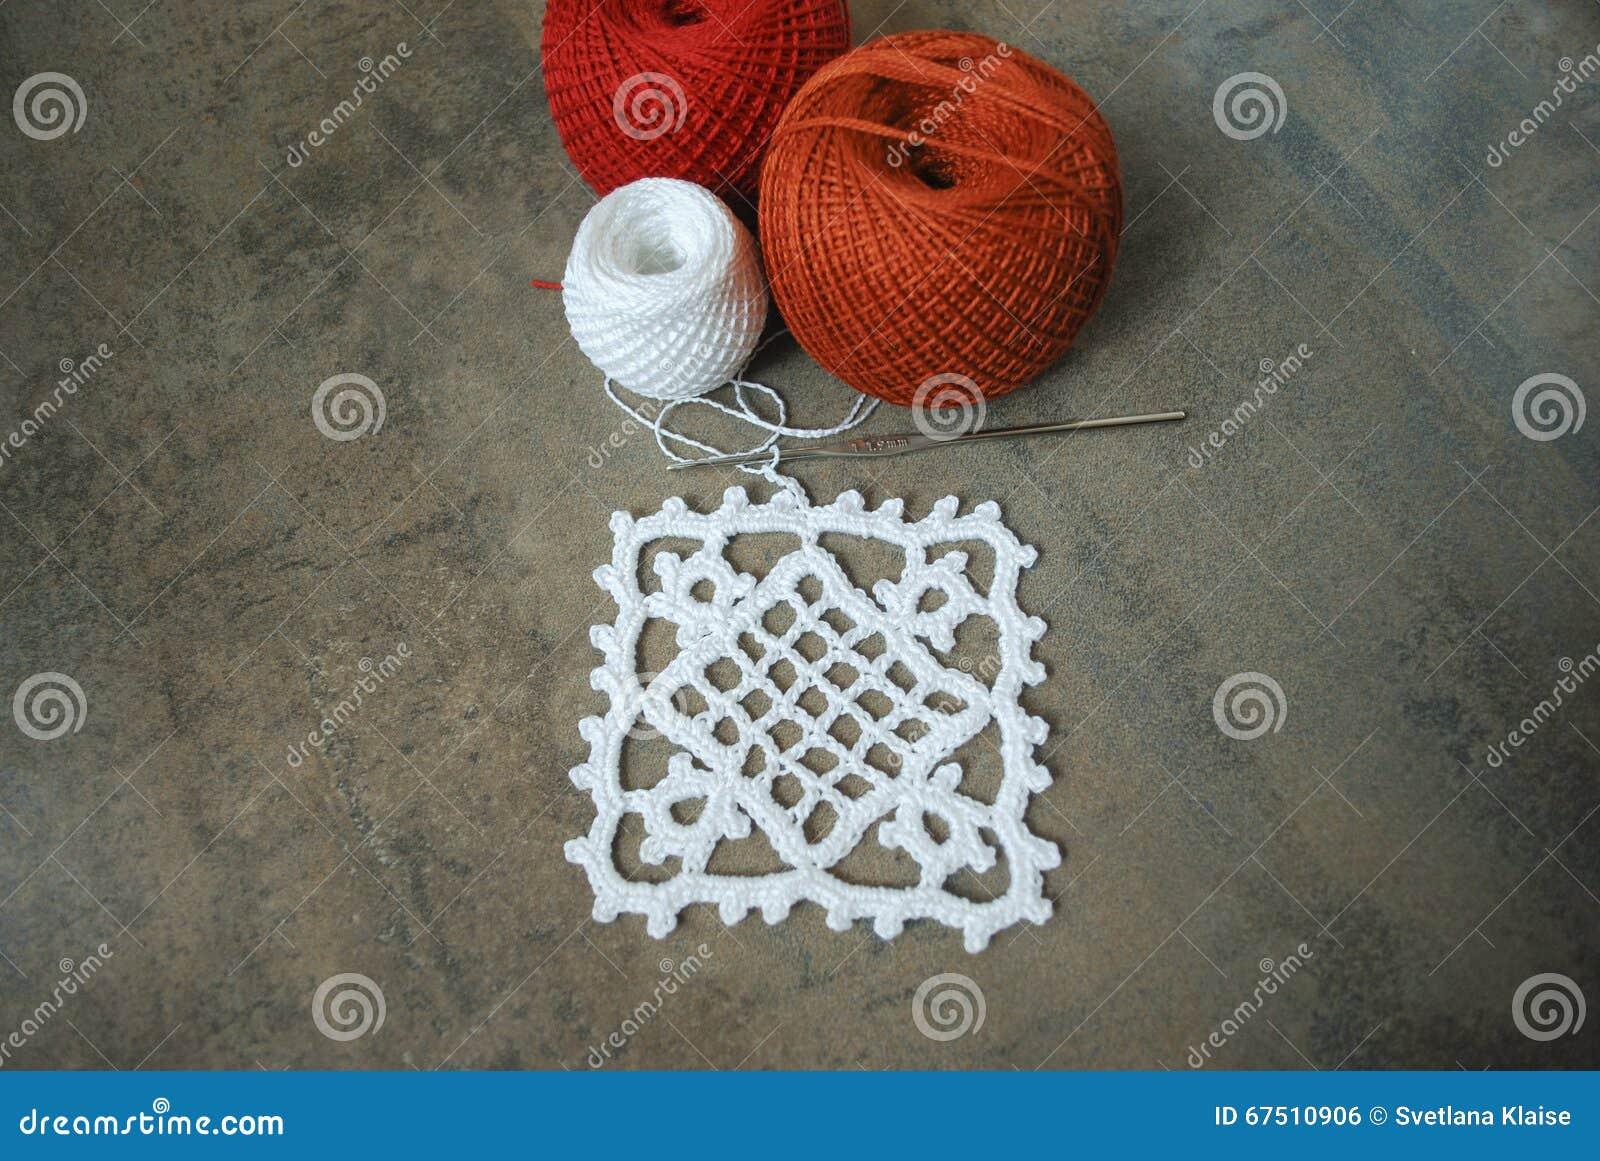 Lavori all 39 uncinetto il campione per la tovaglia o il for Lavori all uncinetto per altari